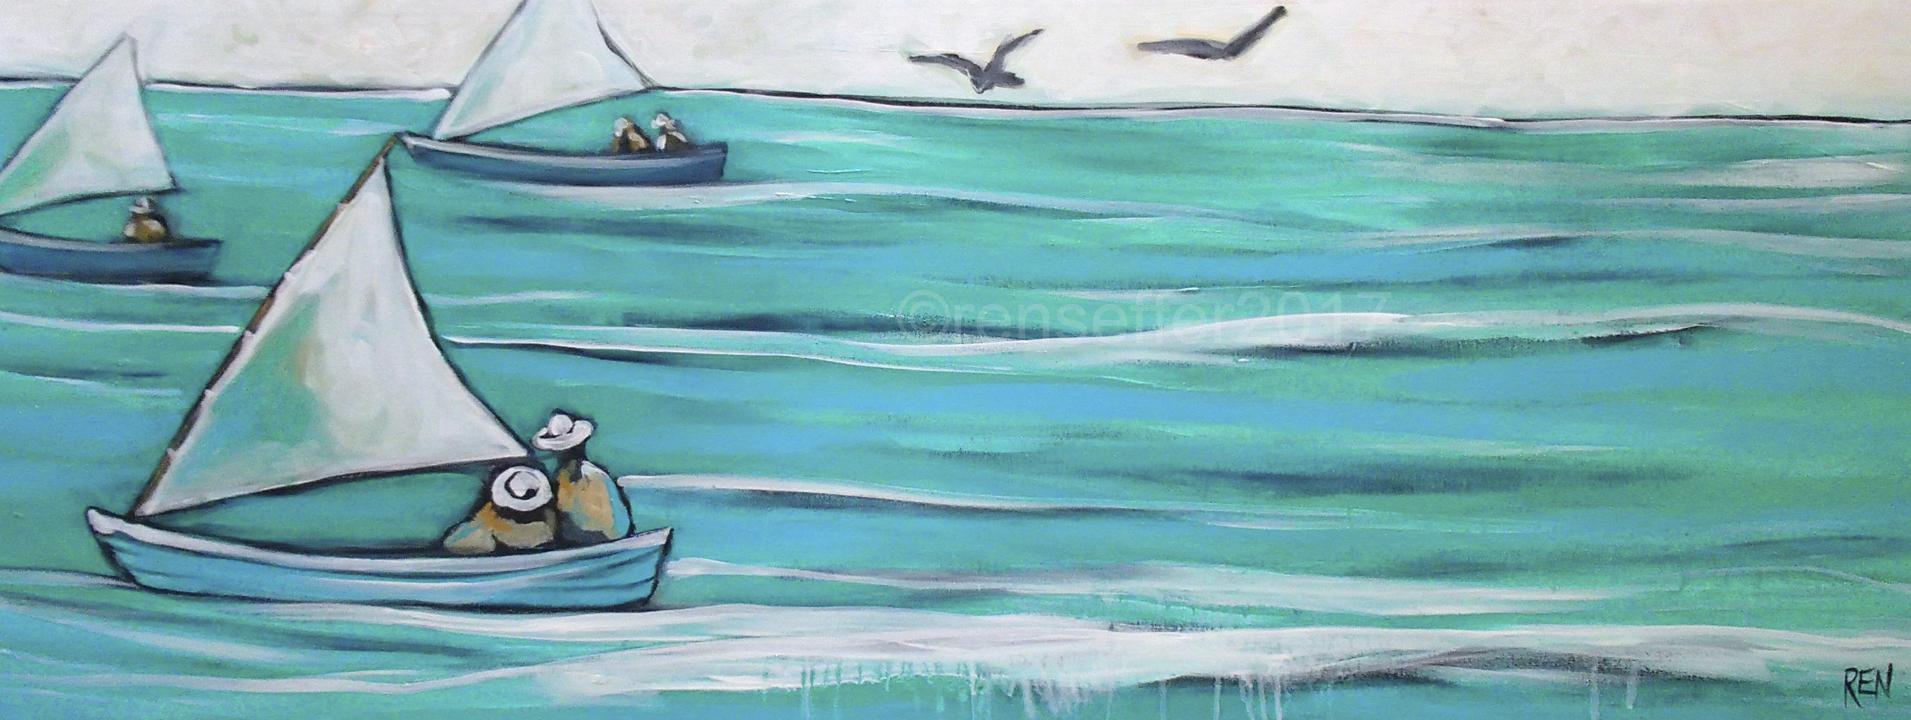 Cat Boat Racing #1